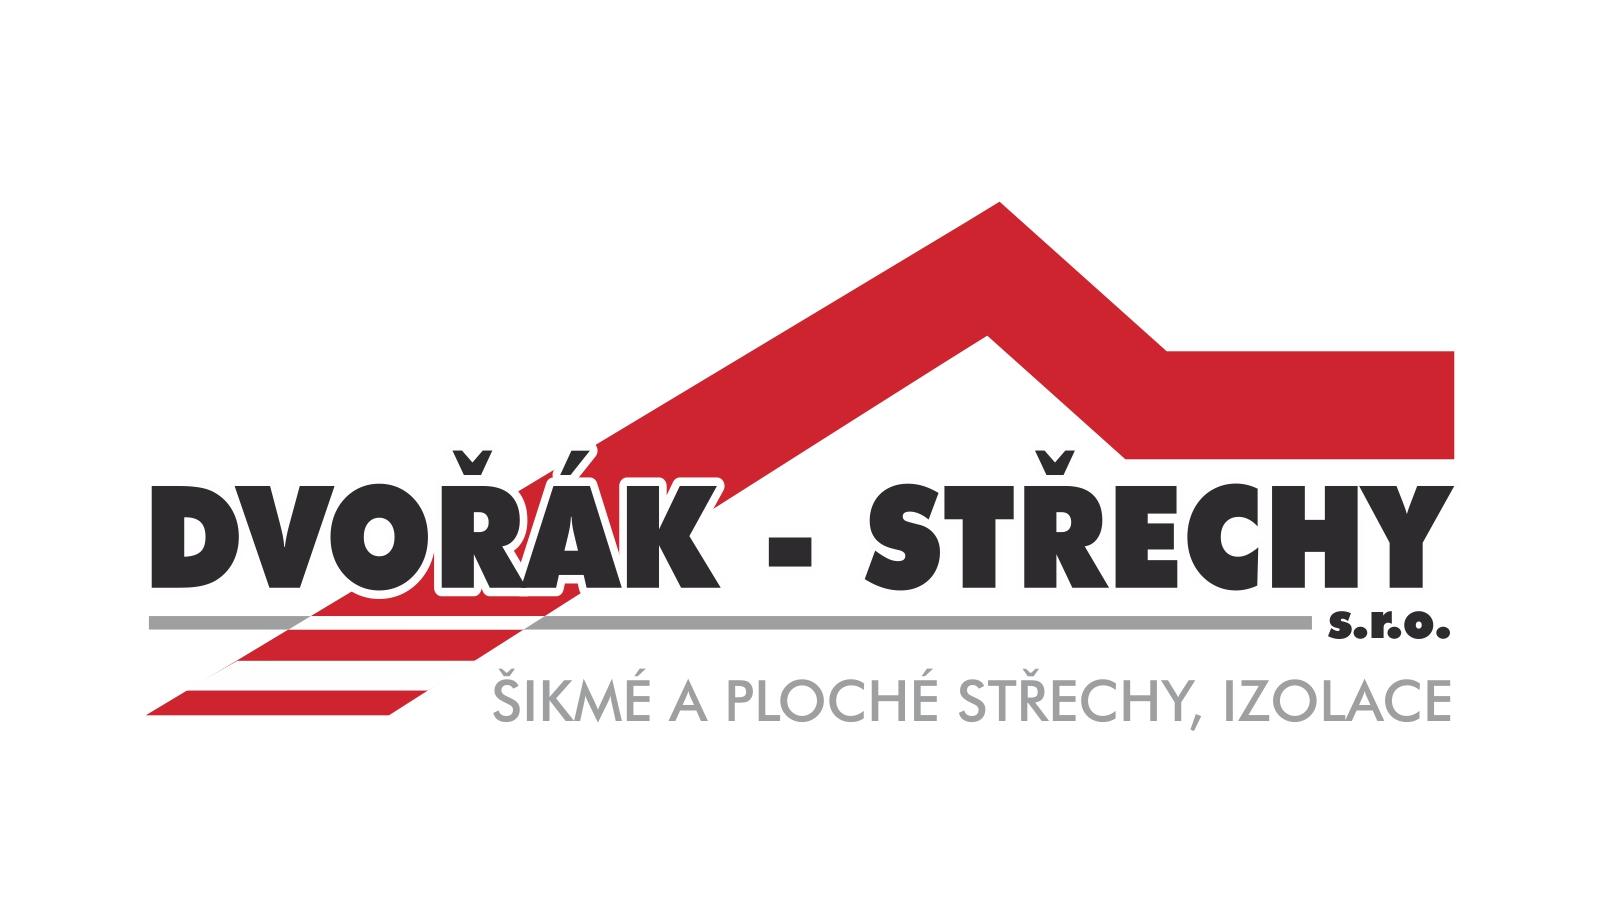 logo firmy Dvořák - střechy s.r.o.